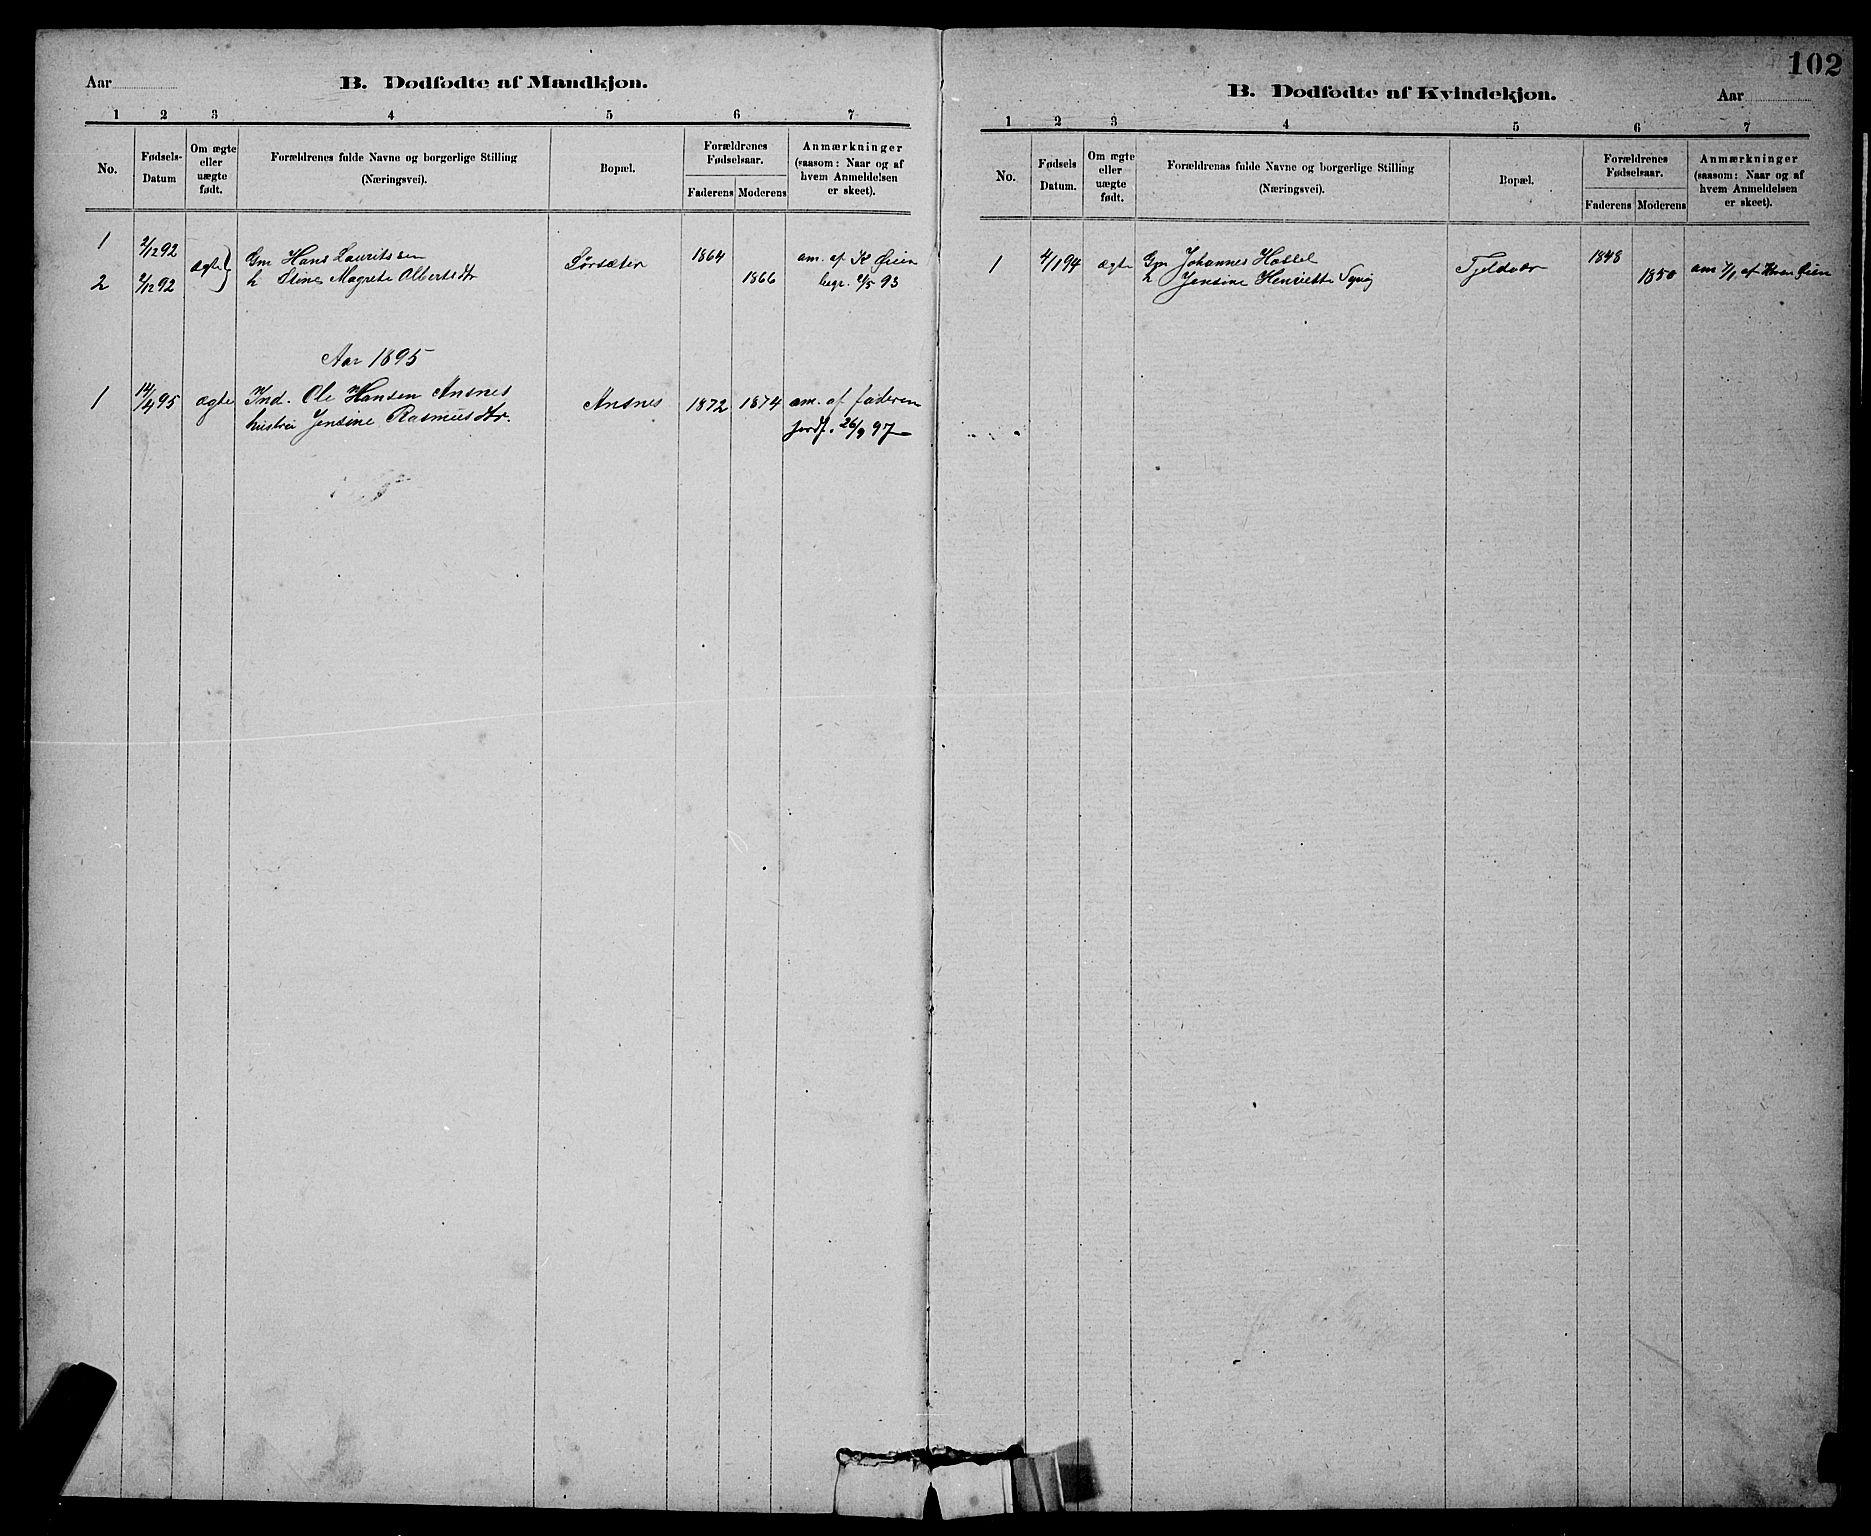 SAT, Ministerialprotokoller, klokkerbøker og fødselsregistre - Sør-Trøndelag, 637/L0562: Klokkerbok nr. 637C03, 1883-1898, s. 102